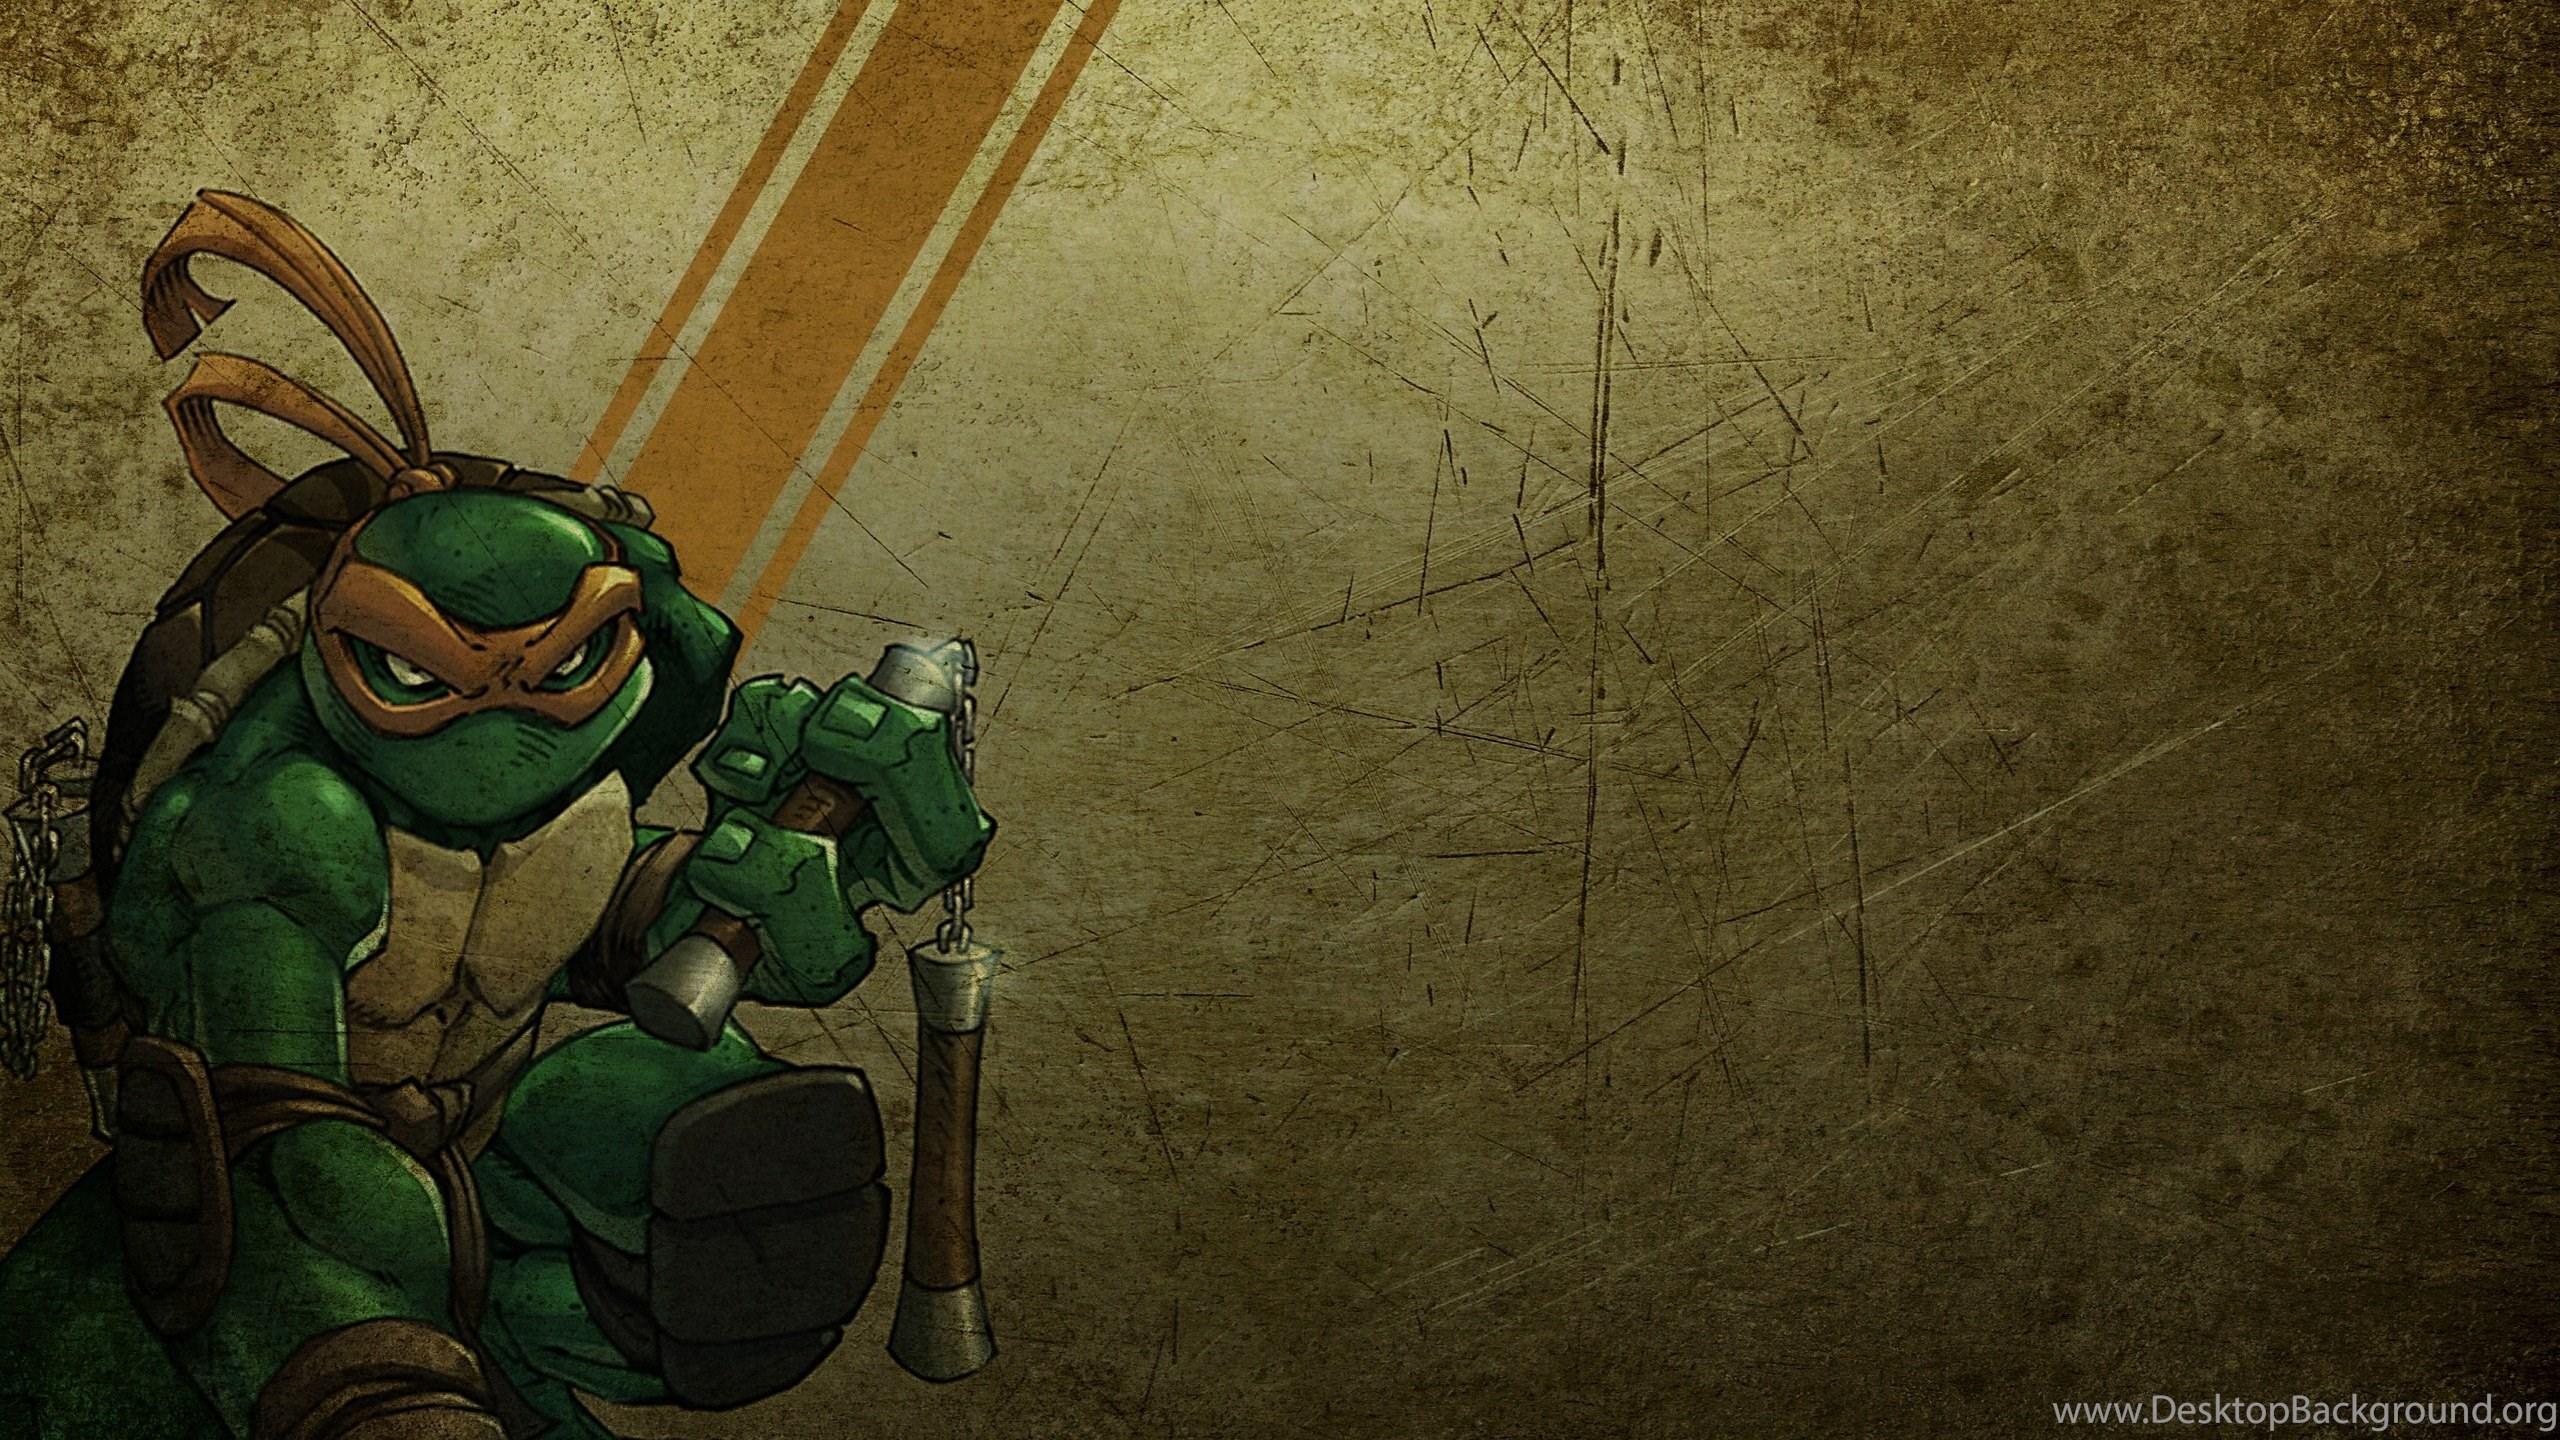 Michelangelo Teenage Mutant Ninja Turtles Wallpapers Full HD